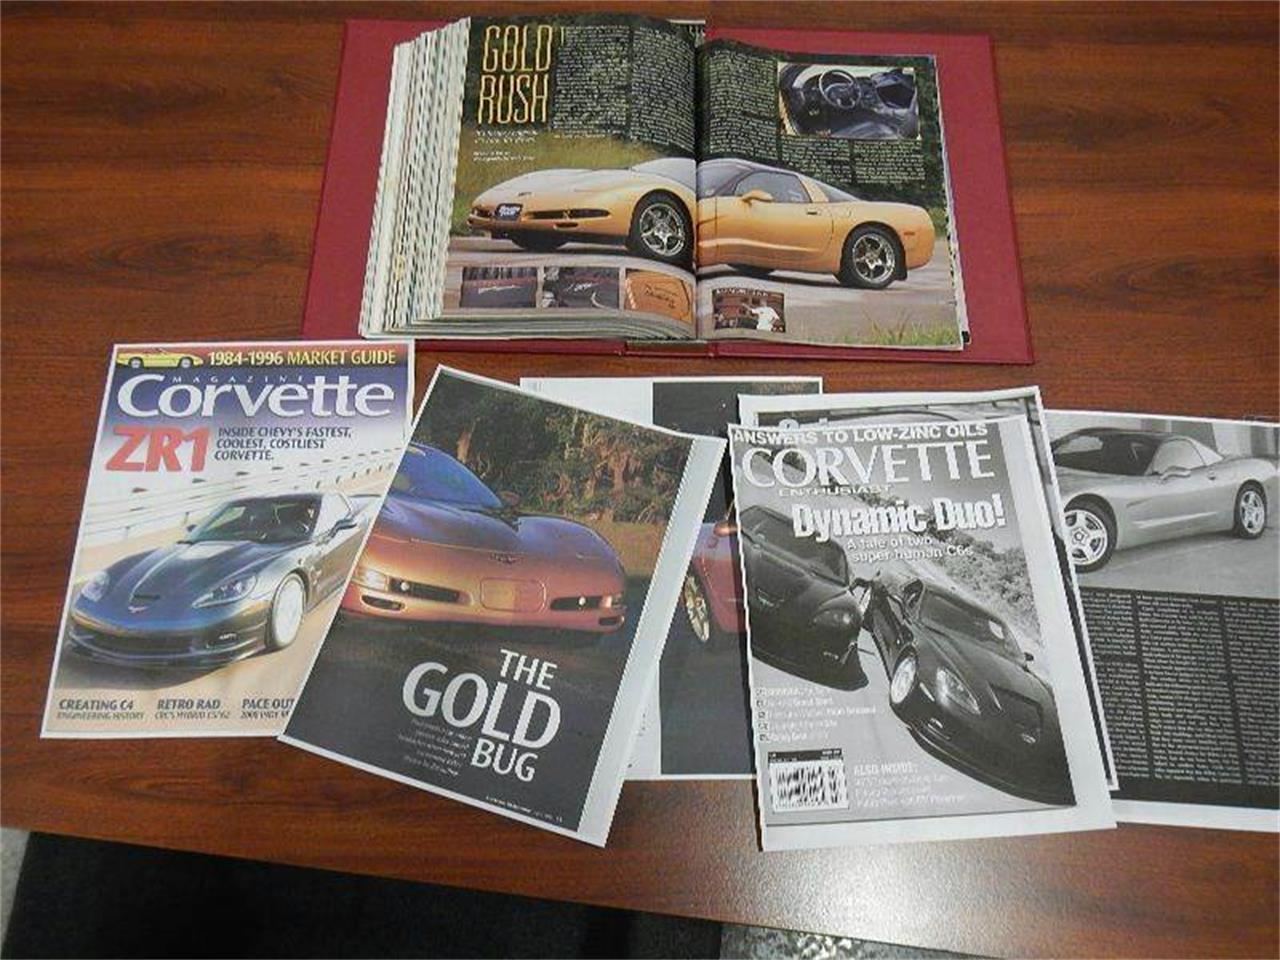 Large Picture of 1998 Corvette - $34,990.00 - JI7B